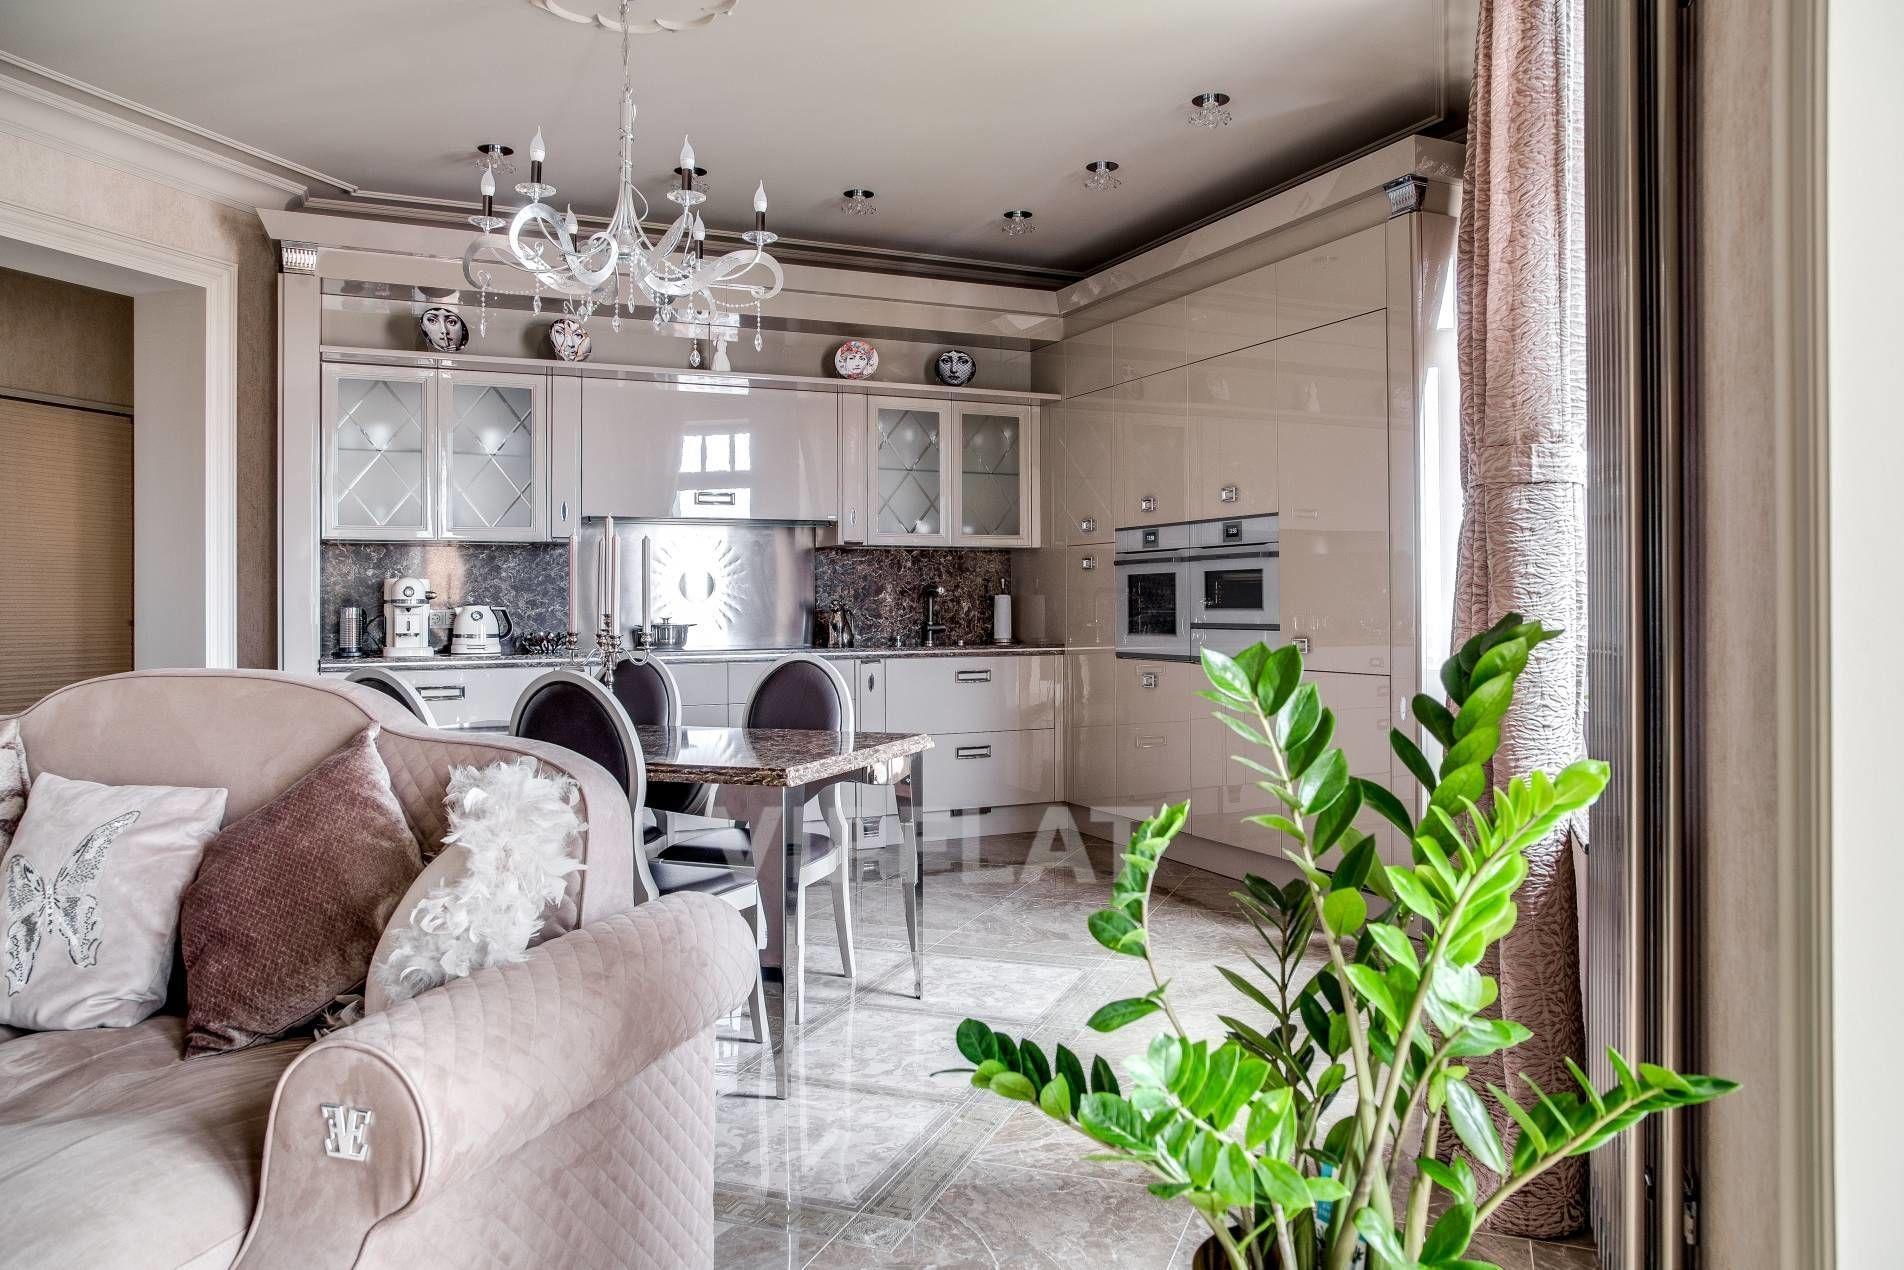 Продажа элитных квартир Санкт-Петербурга. Космонавтов пр., 63 к. 1 Исключительная мебель и техника